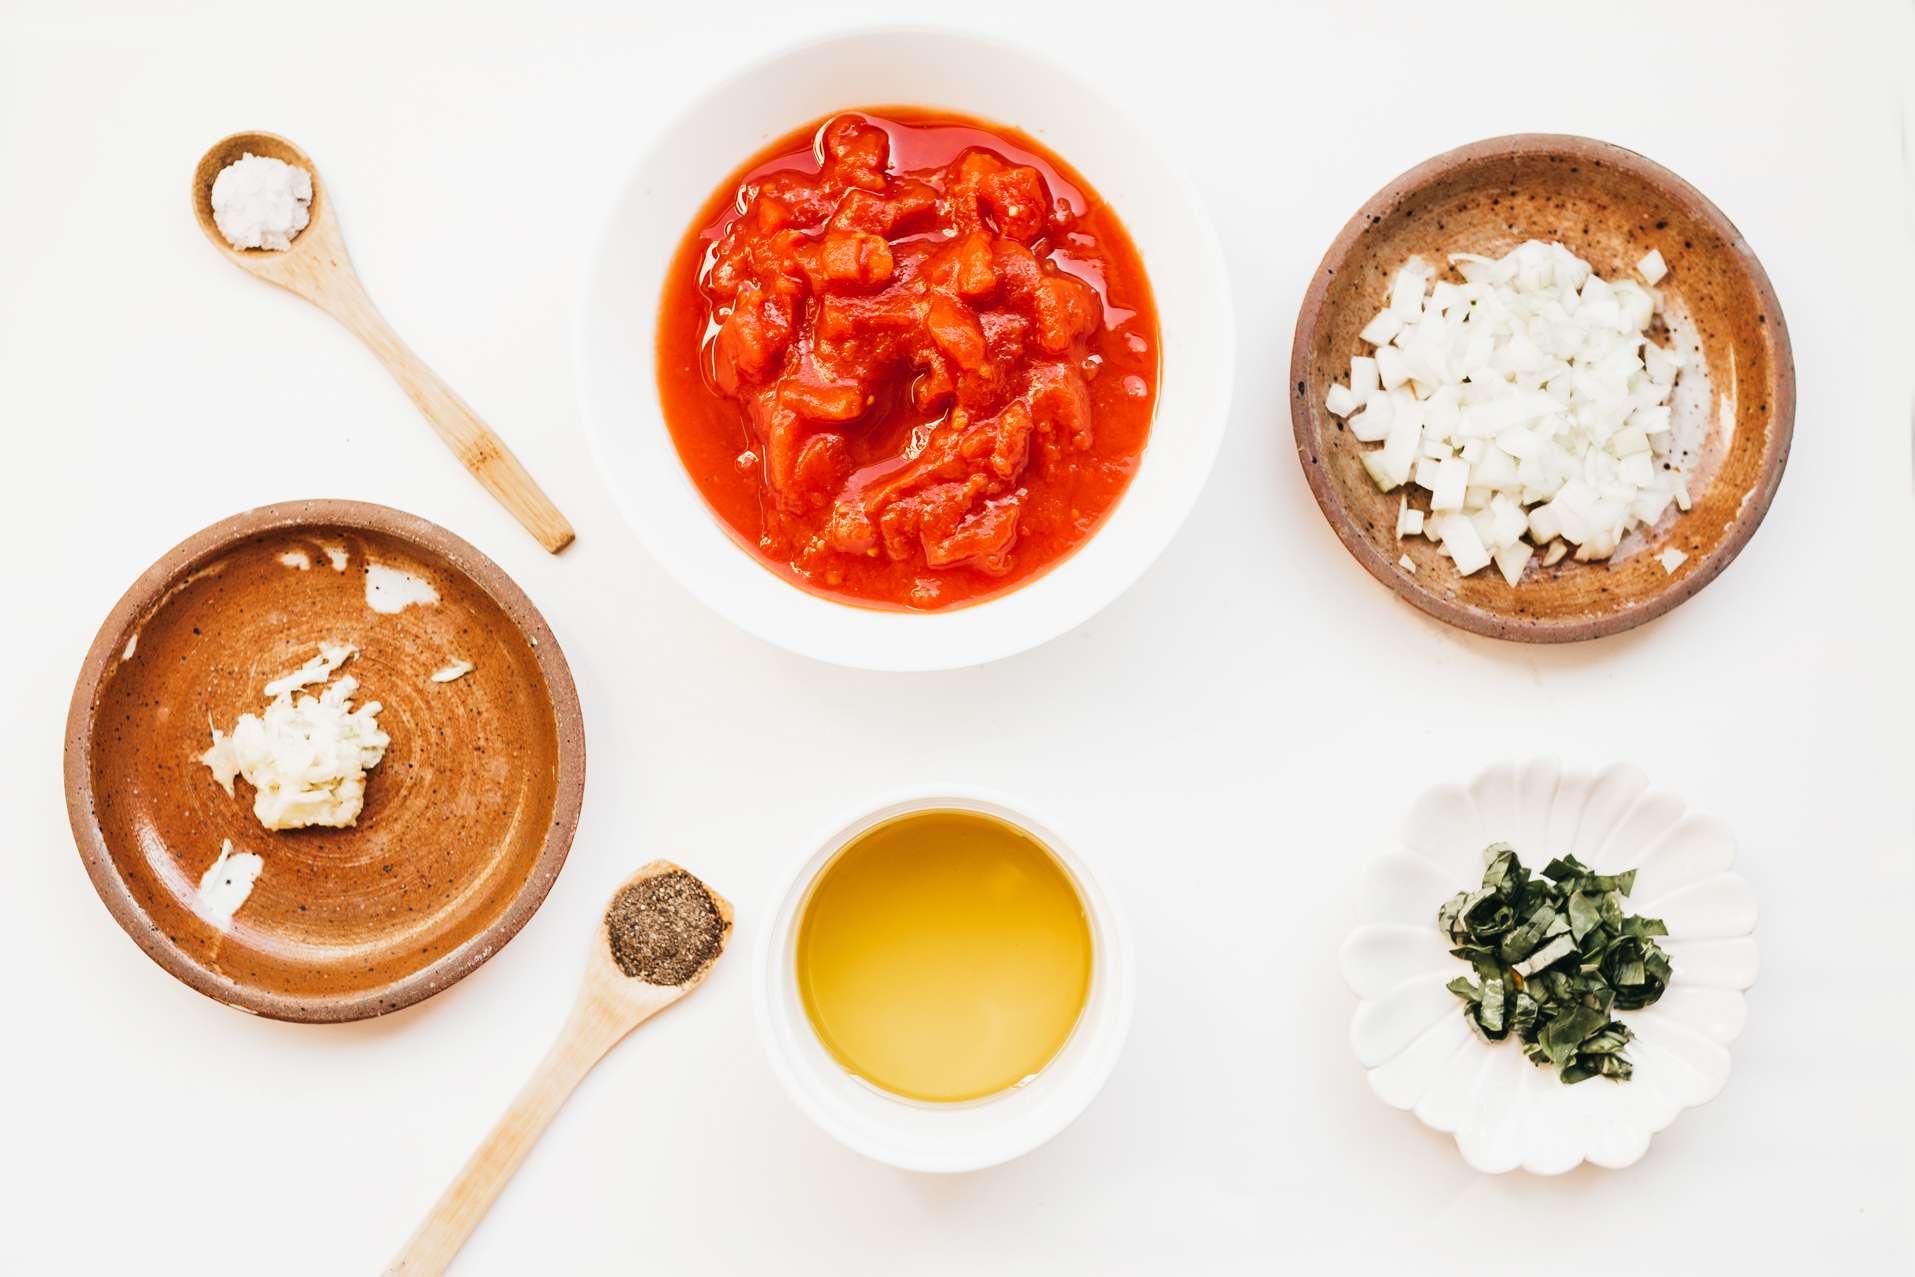 Ingredients for marinara